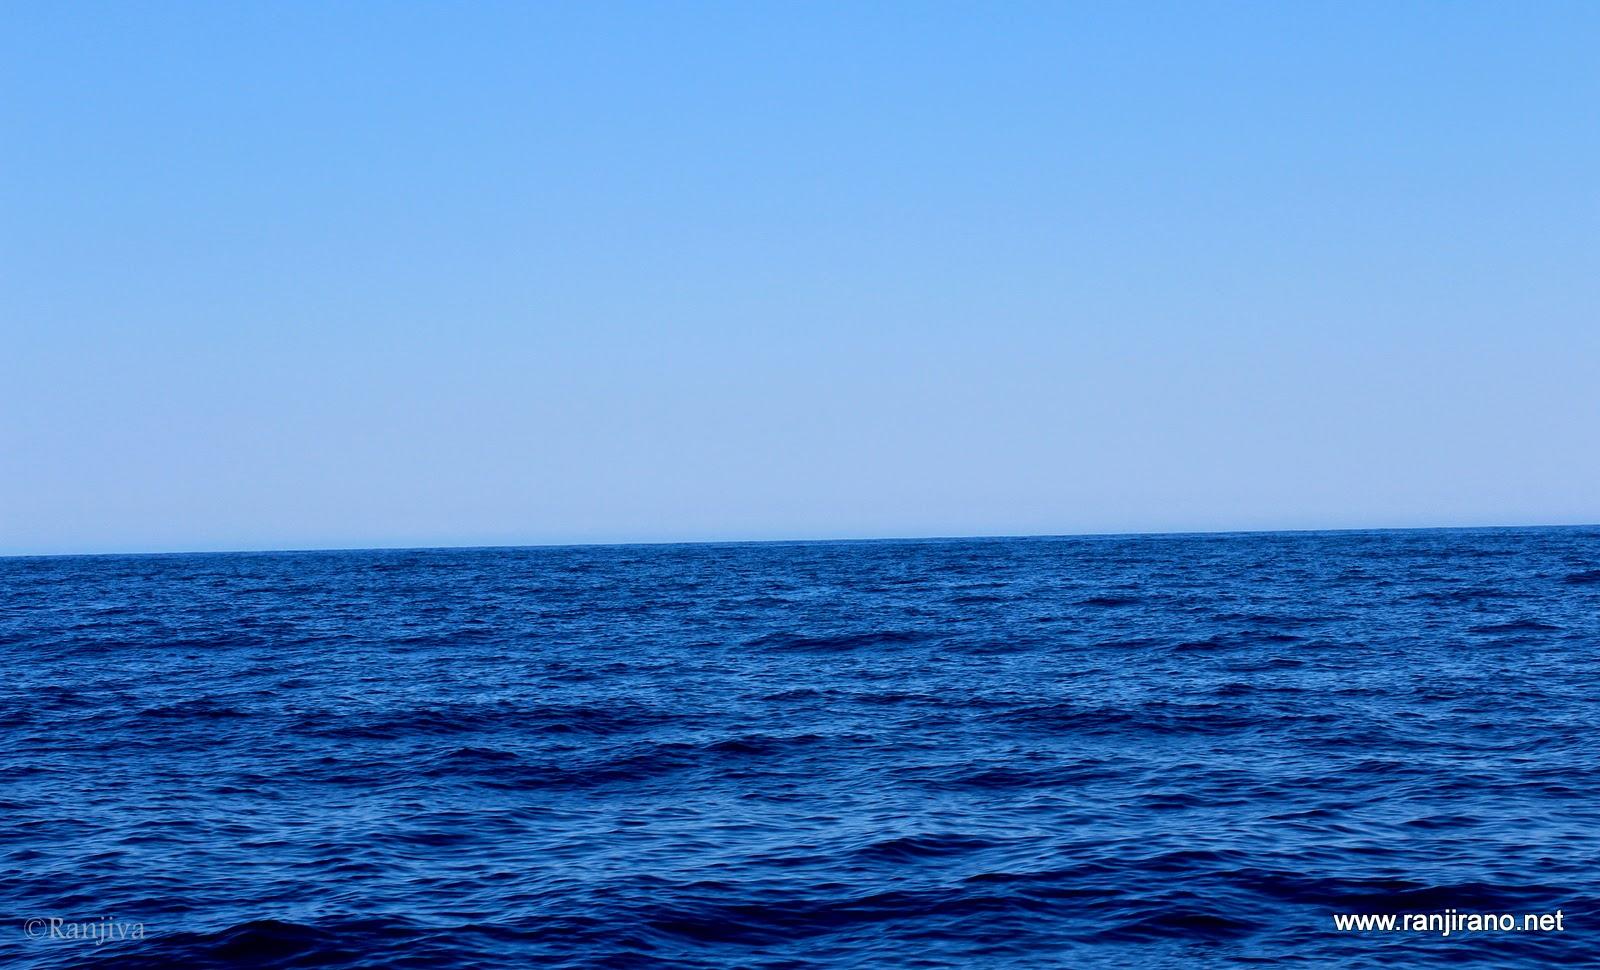 Le bleu infini et un peintre [Vassili Kandinsky] | Paysages et ...